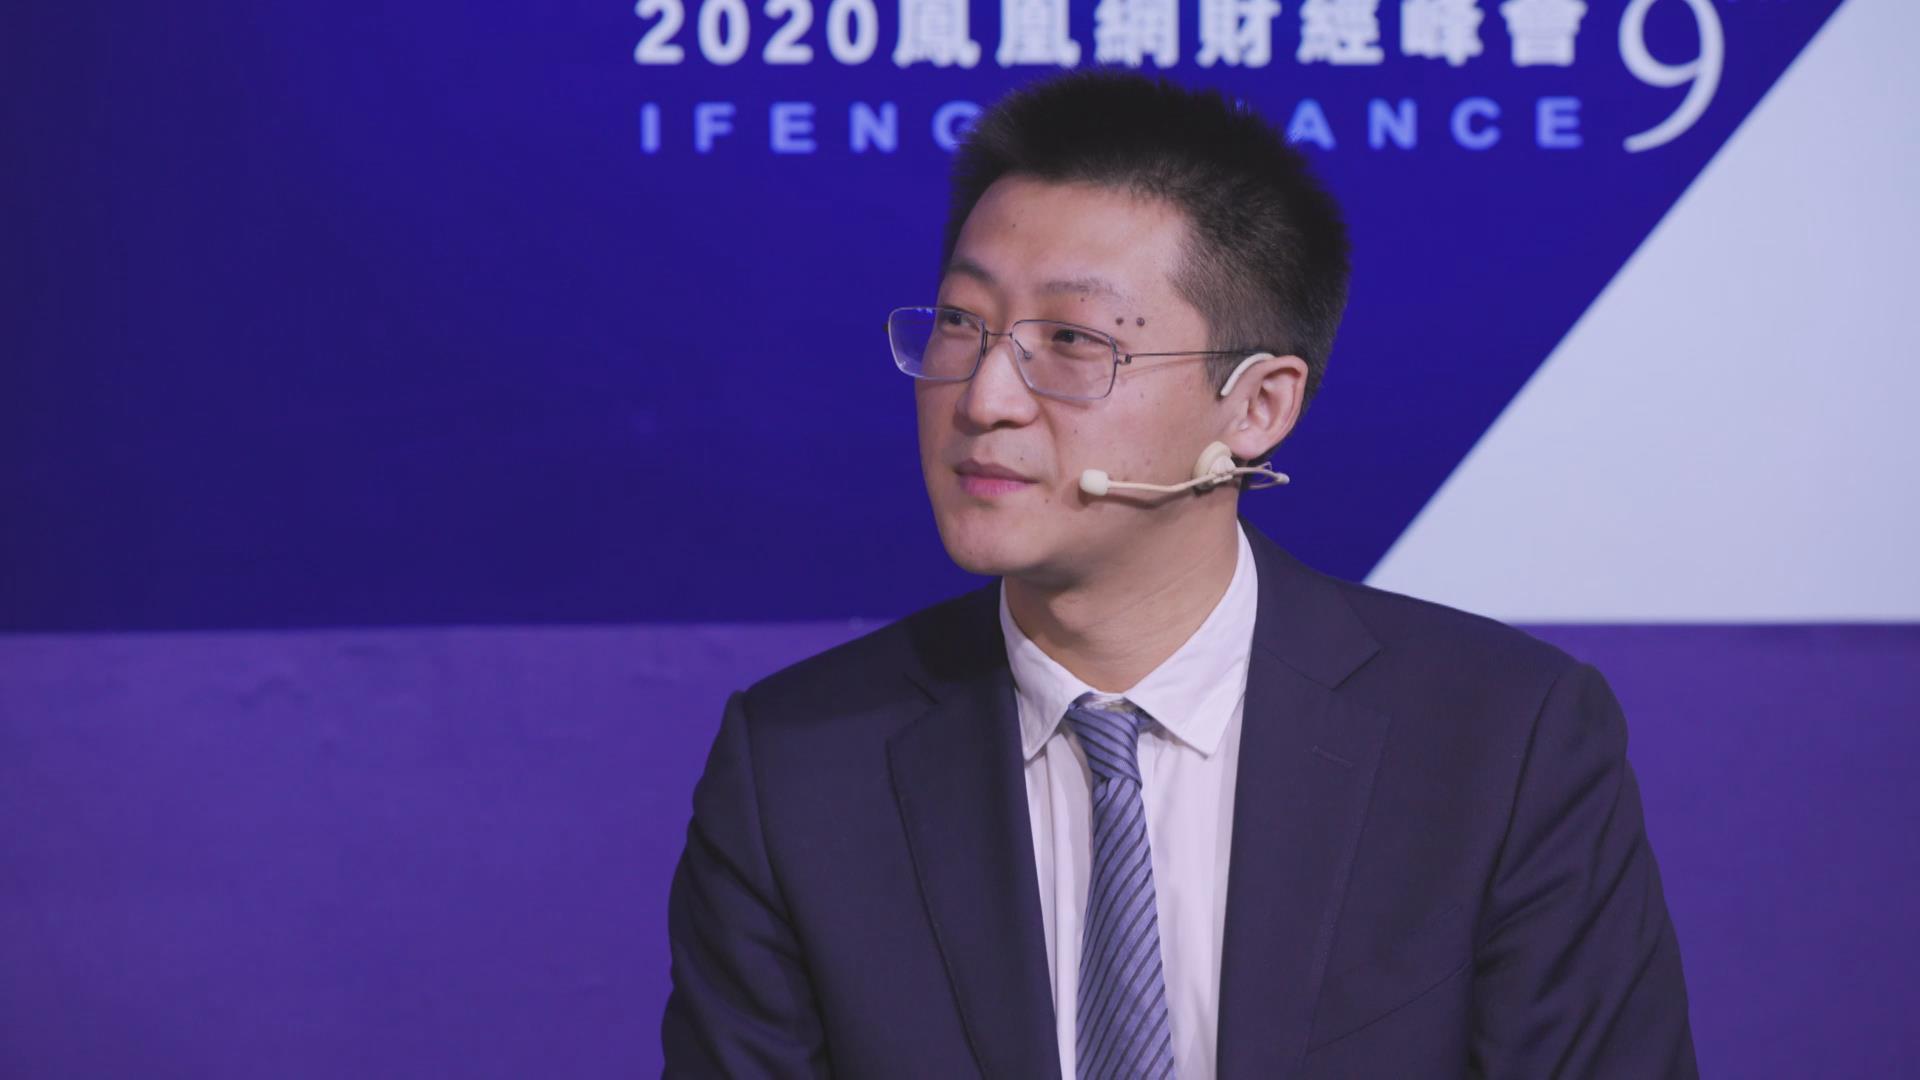 尹睿哲:今年的债券市场是难熬的一年,2021年将迎来新生的一年